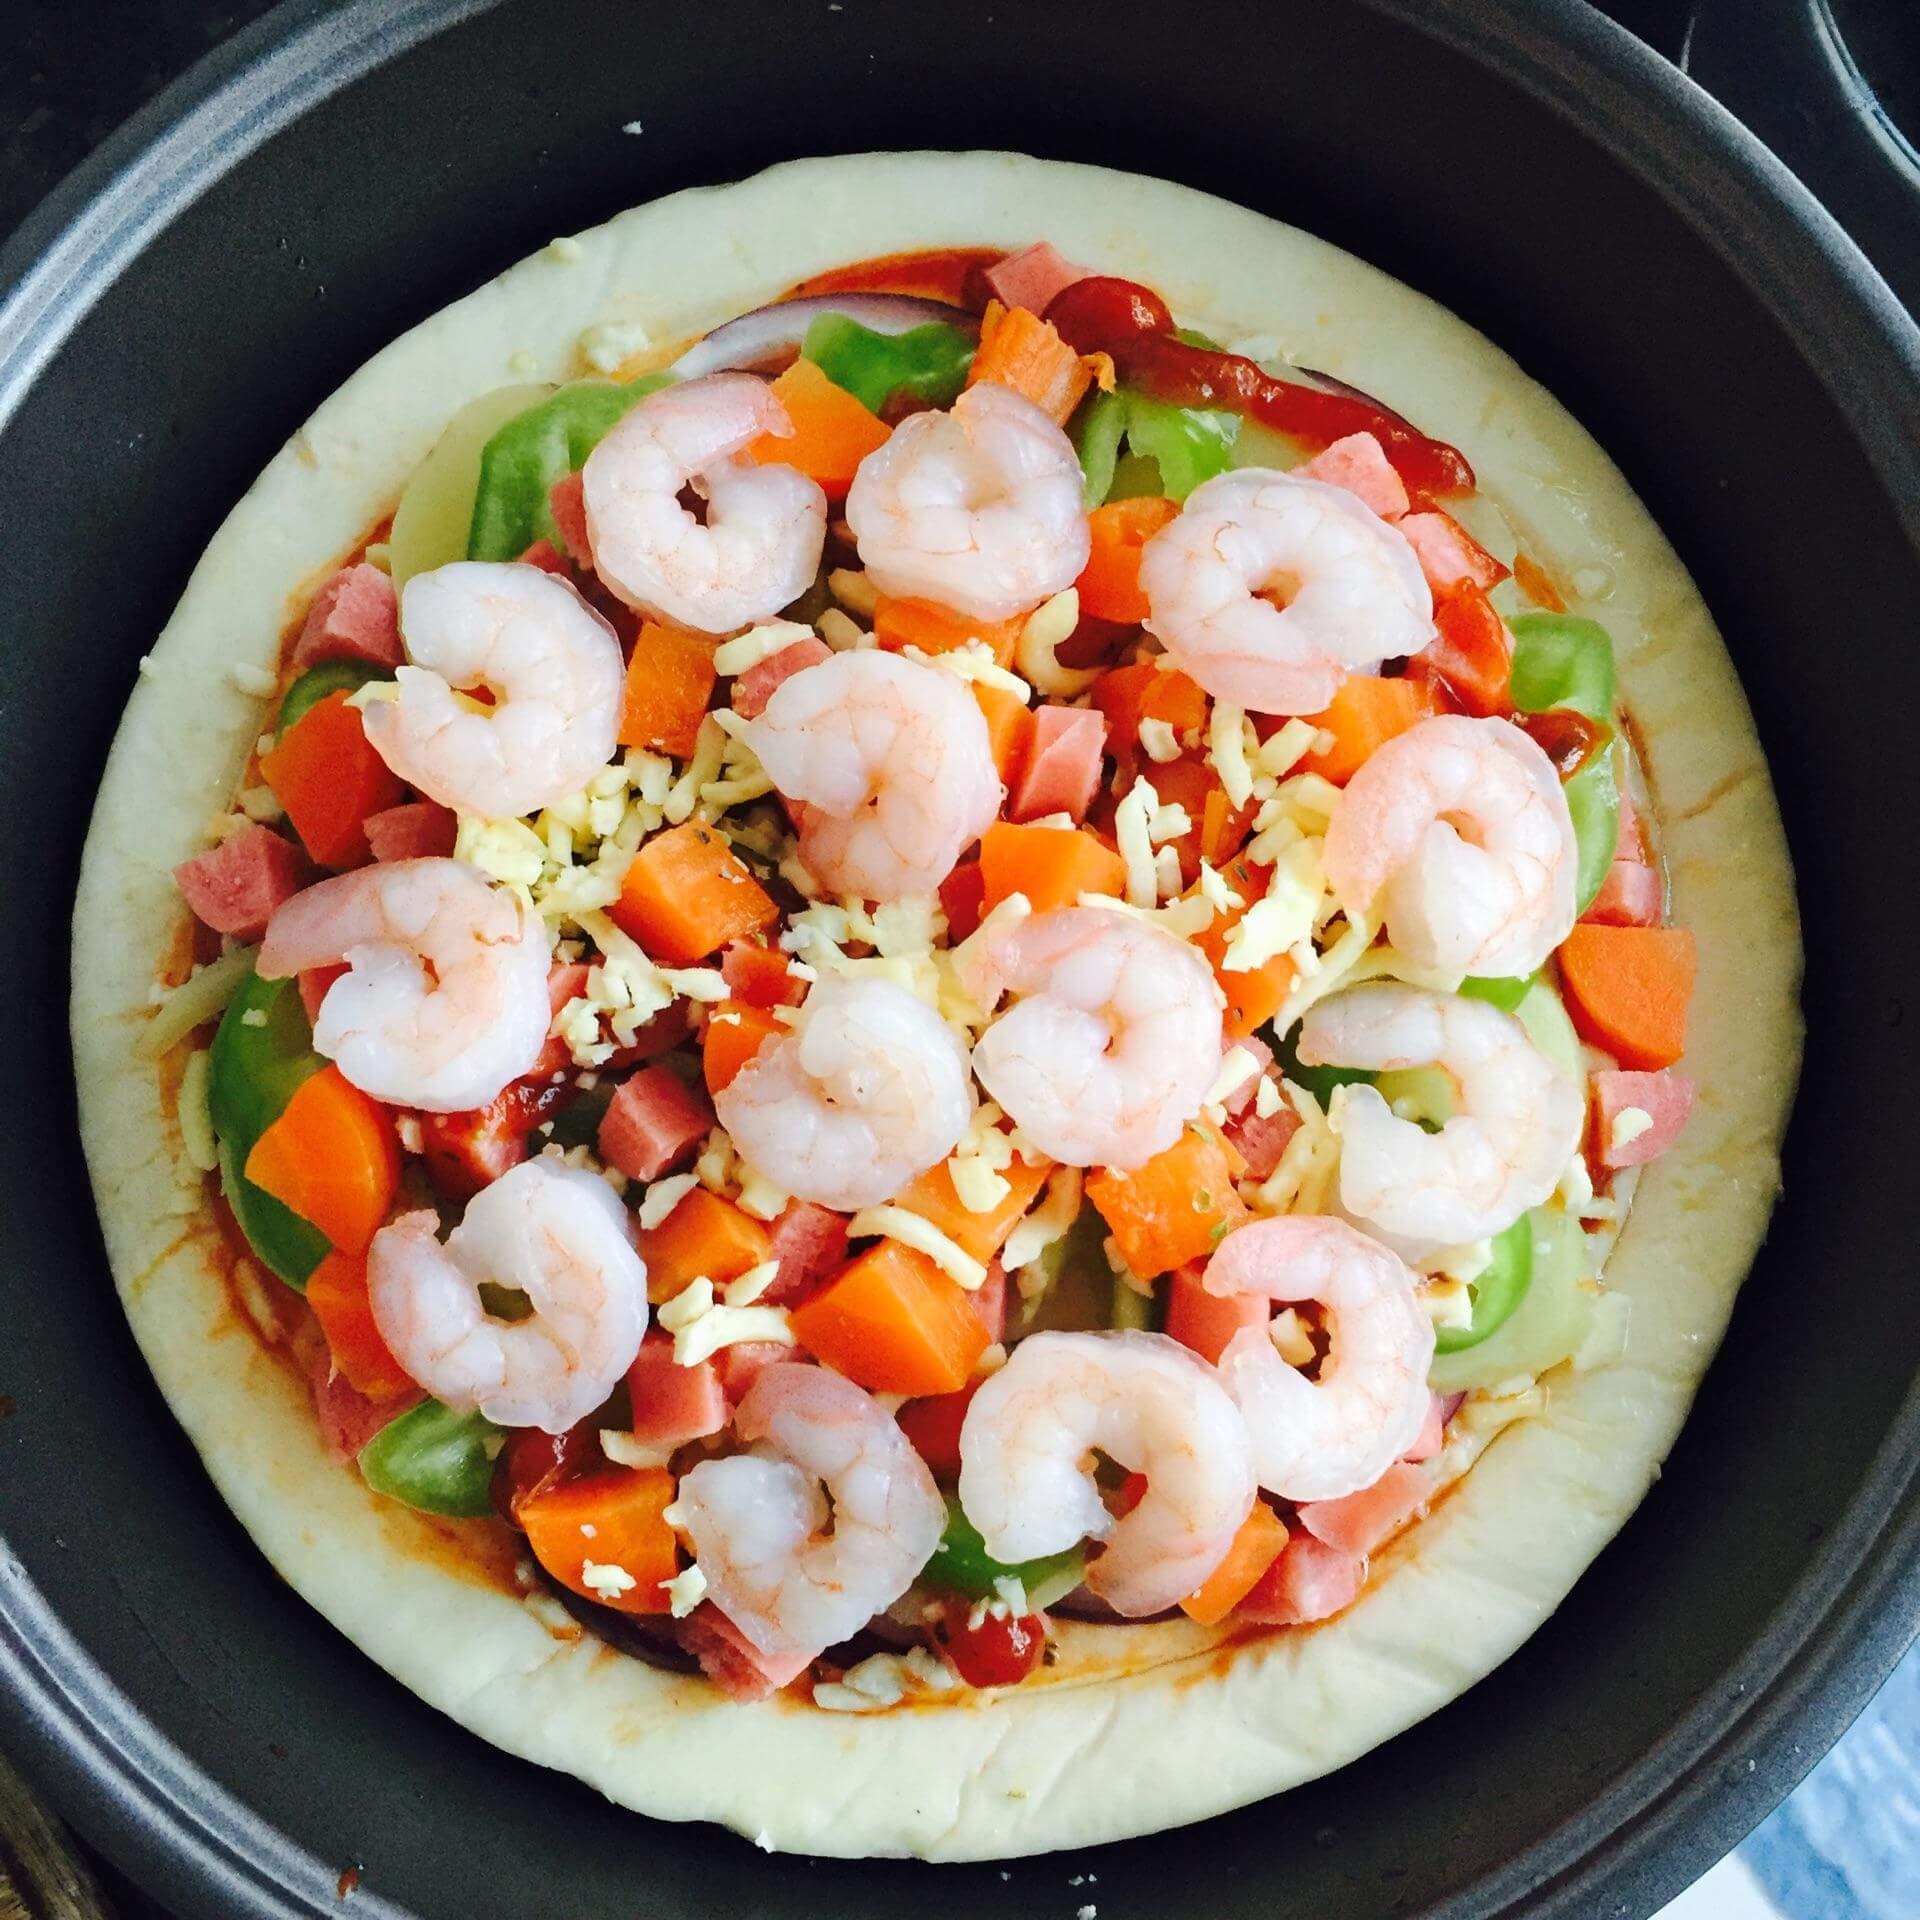 鸡肉虾仁披萨